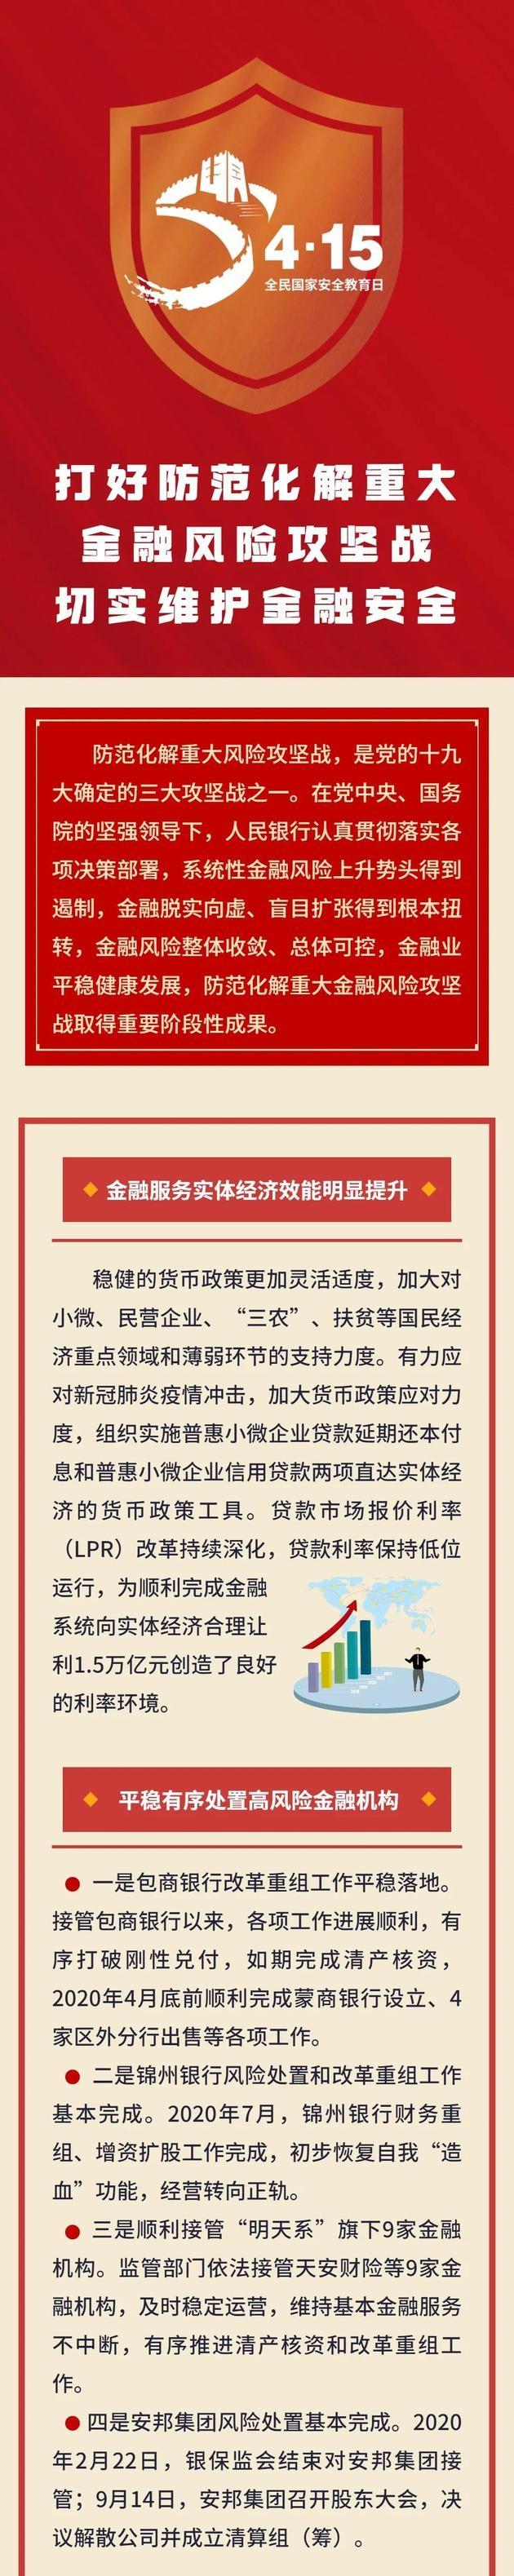 央行全面清理整顿金融秩序在营P2P网贷机构全部停业